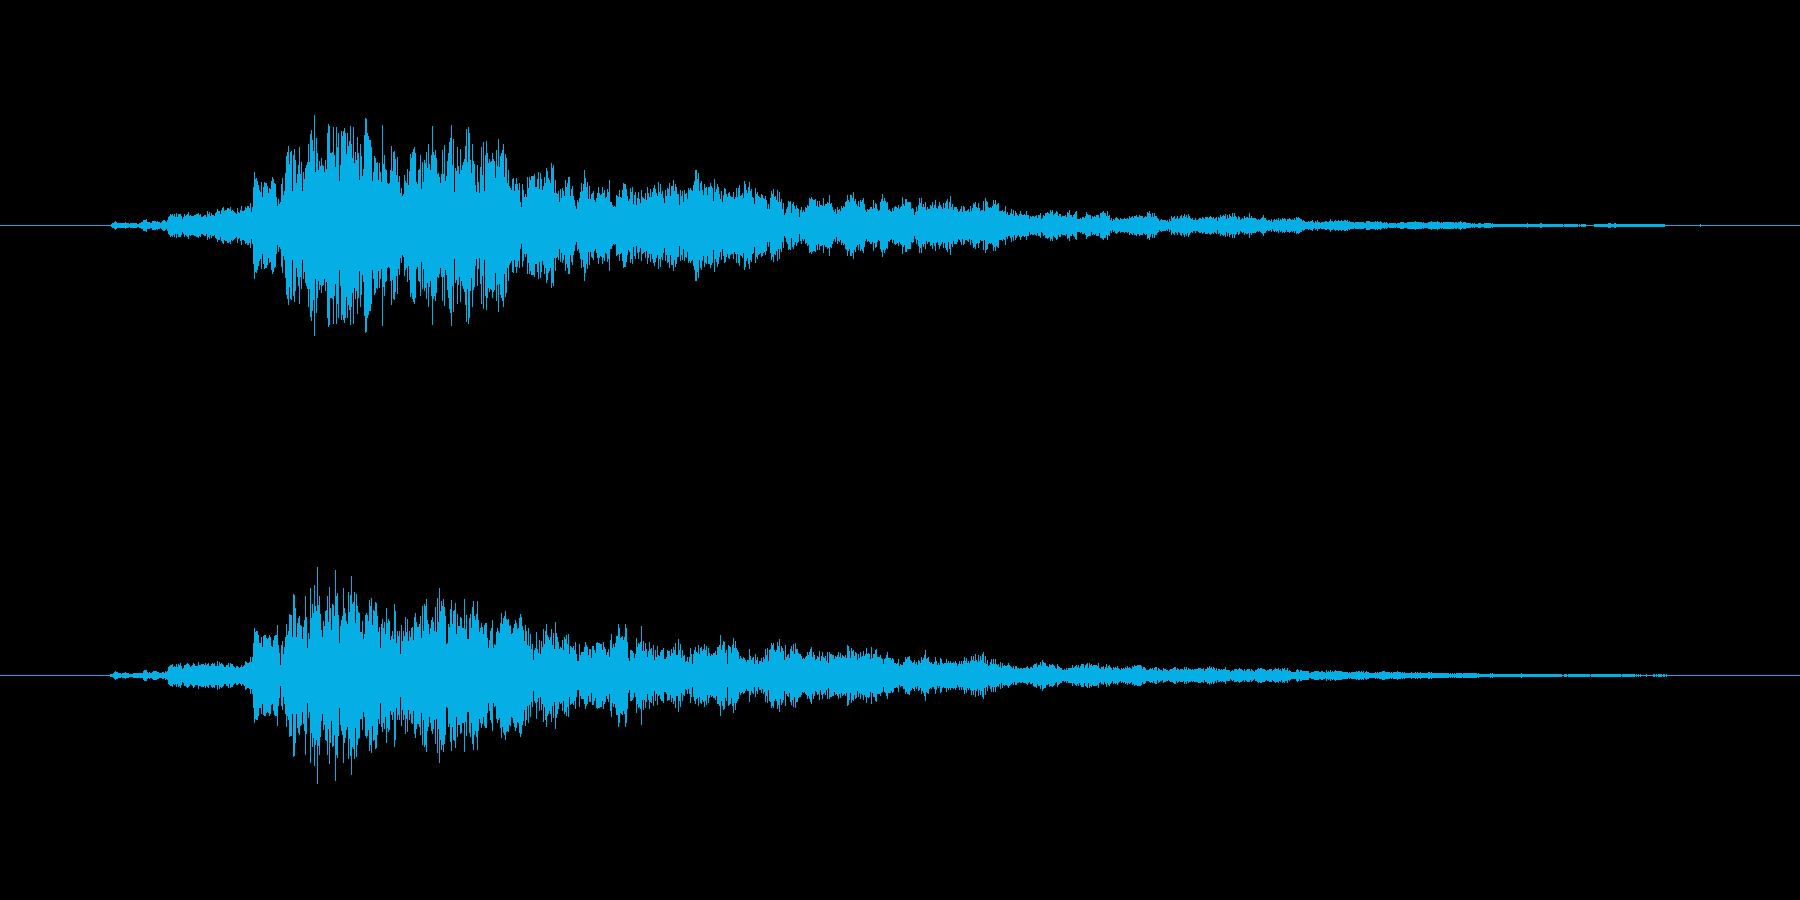 タッチ決定クリック音やサウンドロゴに9!の再生済みの波形